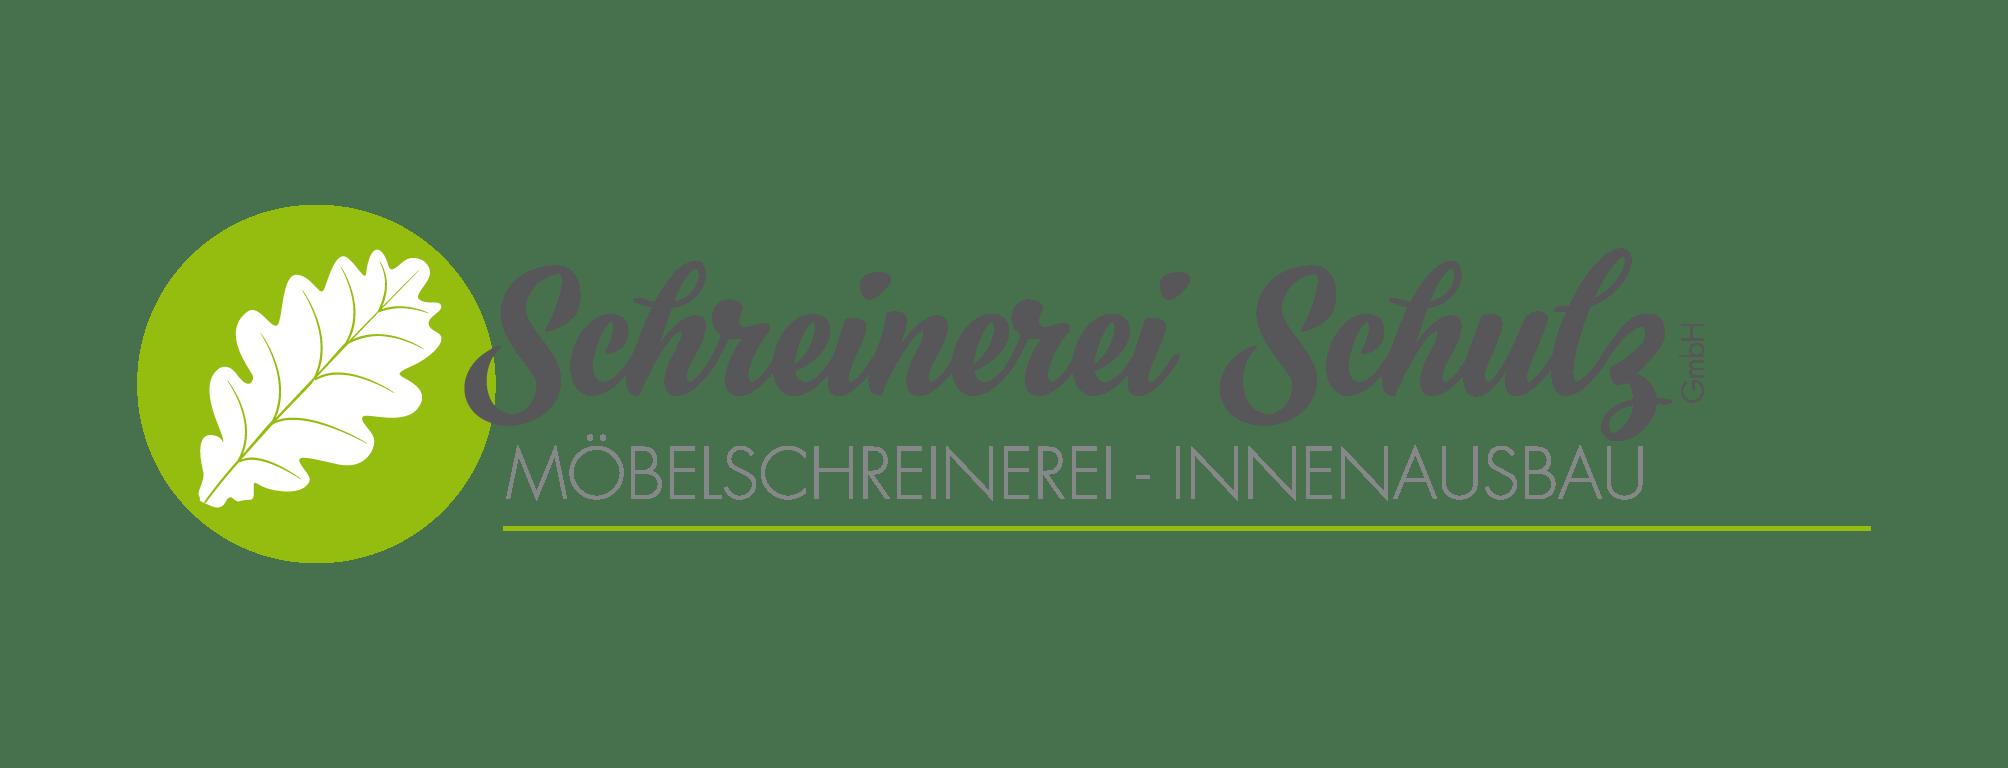 Schreinerei Schulz GmbH